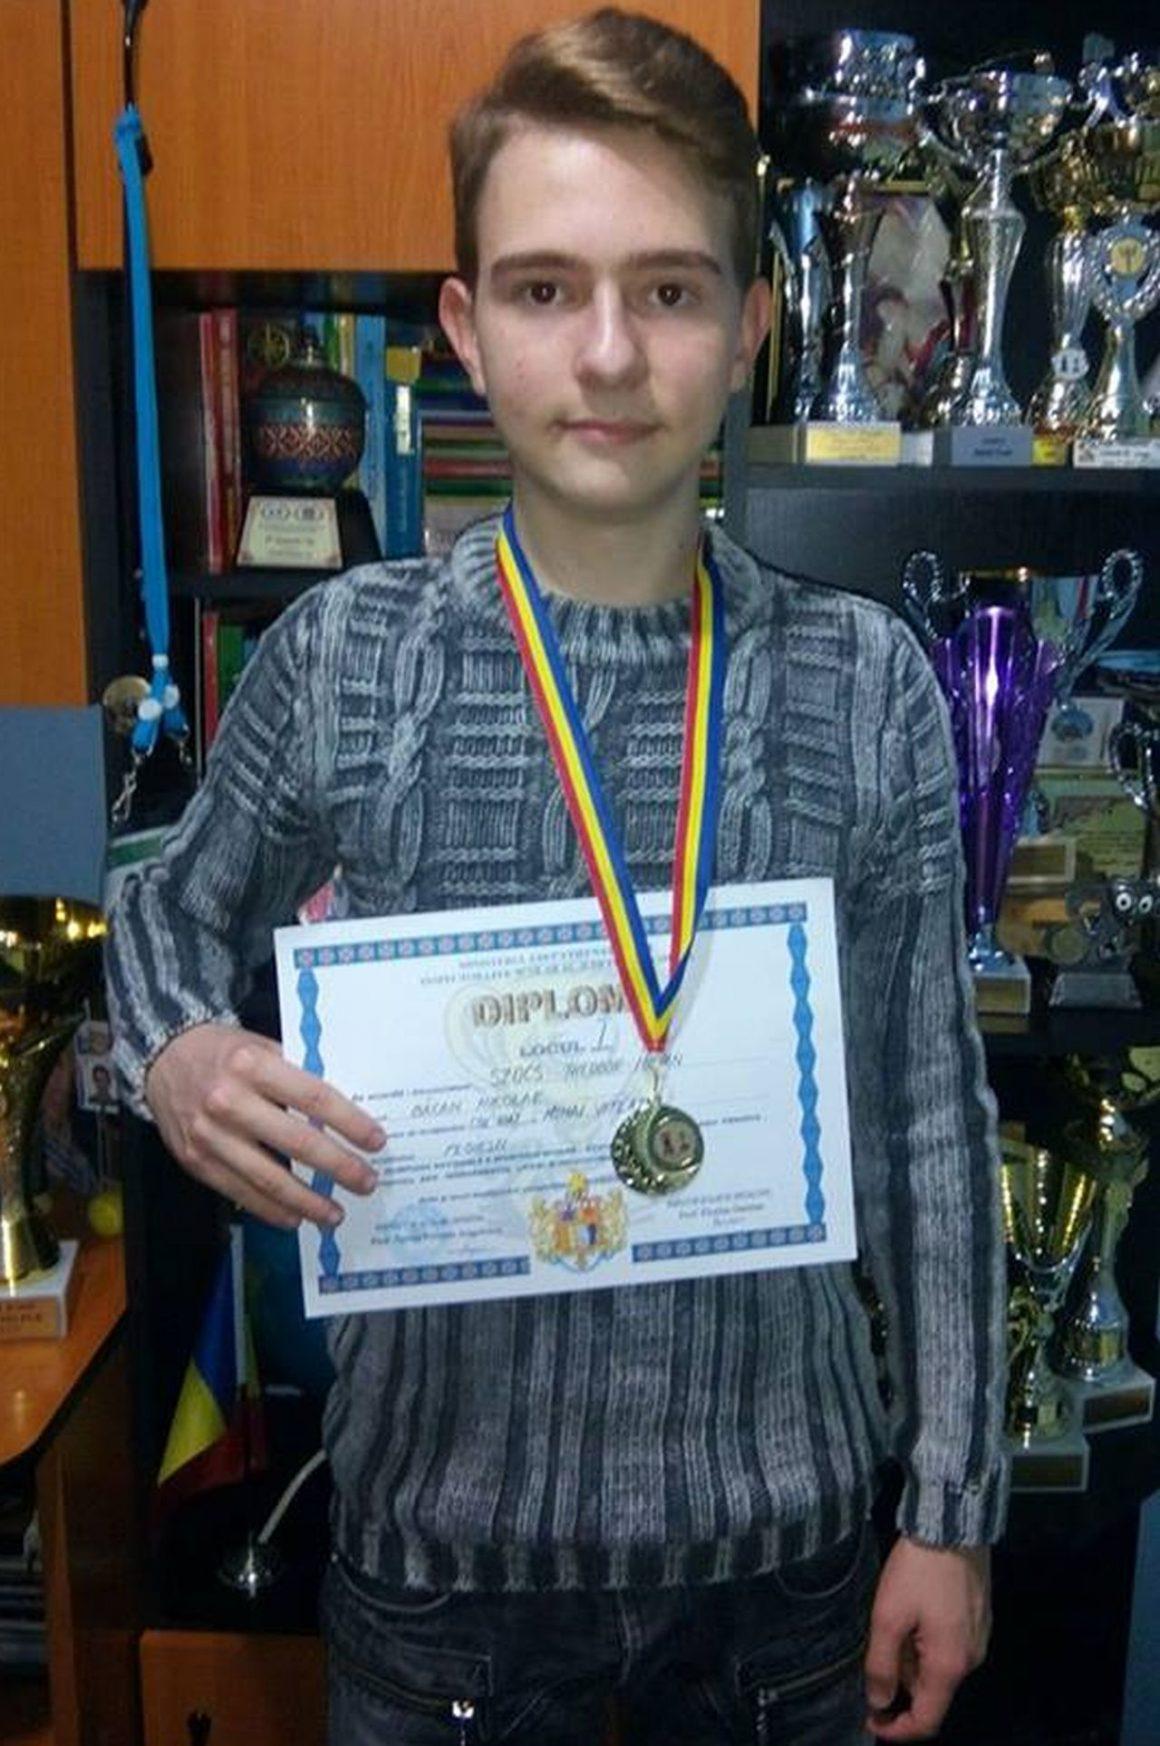 Şahistul Iulian Szocs, aur la faza judeţeană a Olimpiadei liceelor!